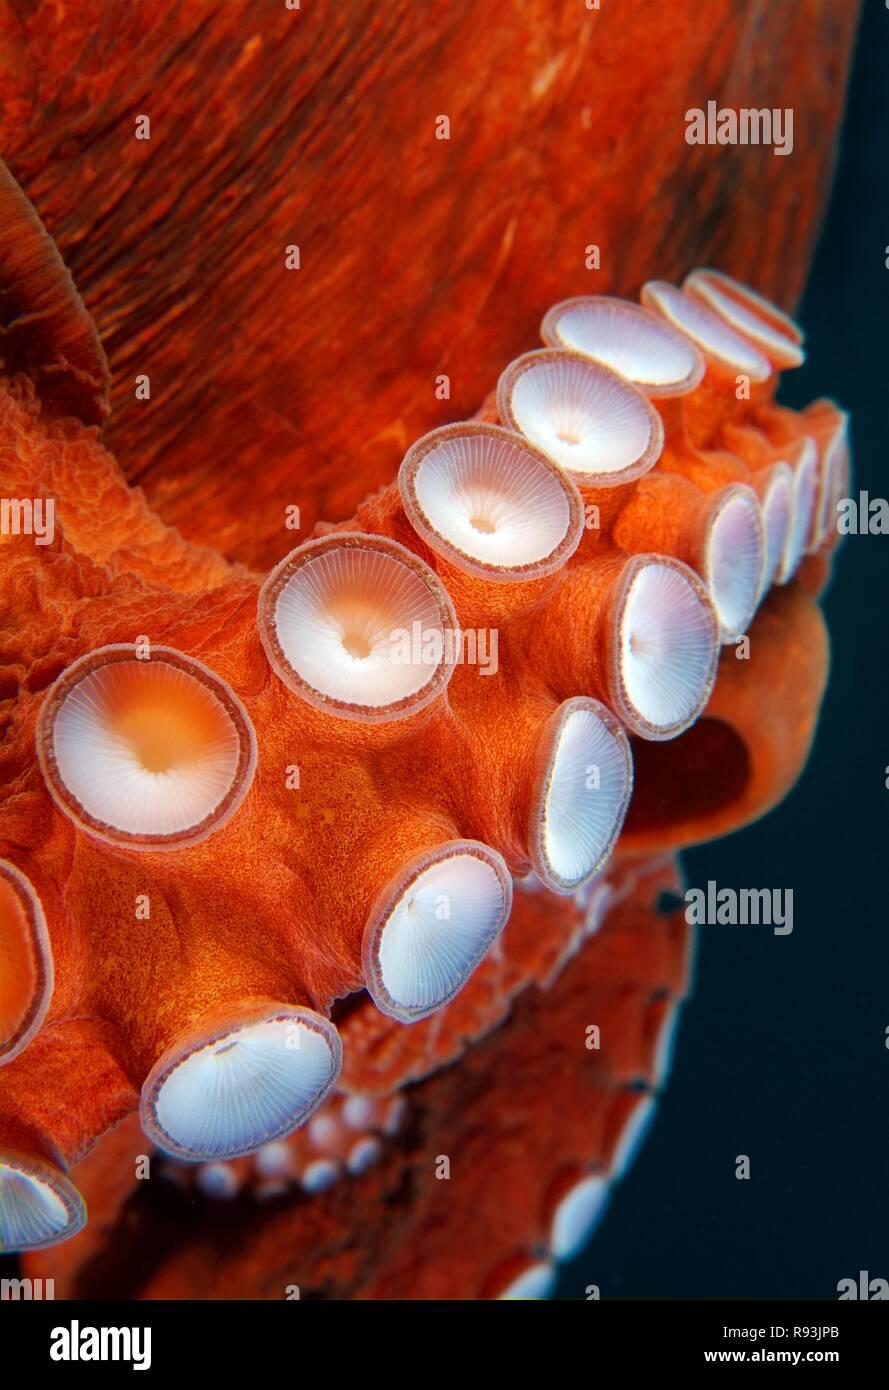 Ventose del gigante polpo del Pacifico o del Pacifico del Nord polpo gigante (Enteroctopus dofleini), Giappone Mare, Primorsky Krai Immagini Stock